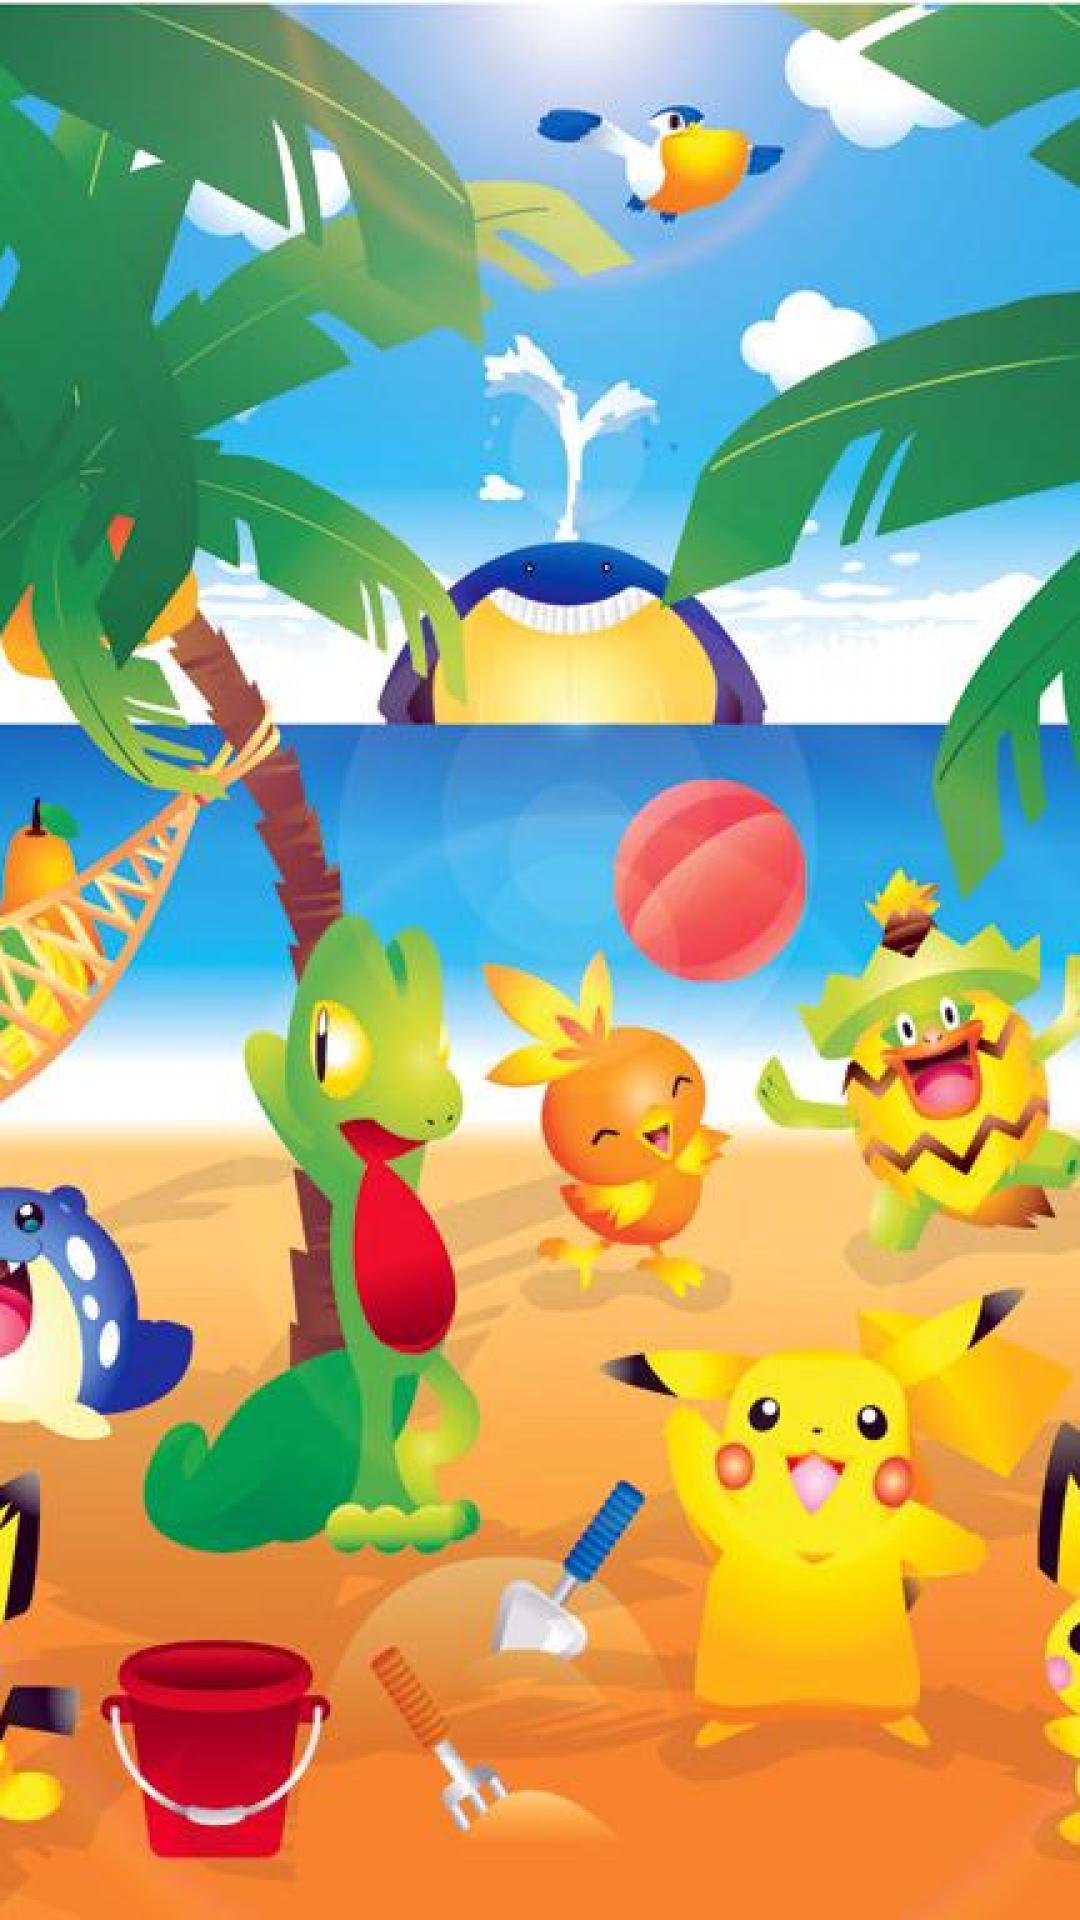 Cute Cartoon Hd Wallpaper Free Download Free Pokemon Iphone Wallpapers Pixelstalk Net